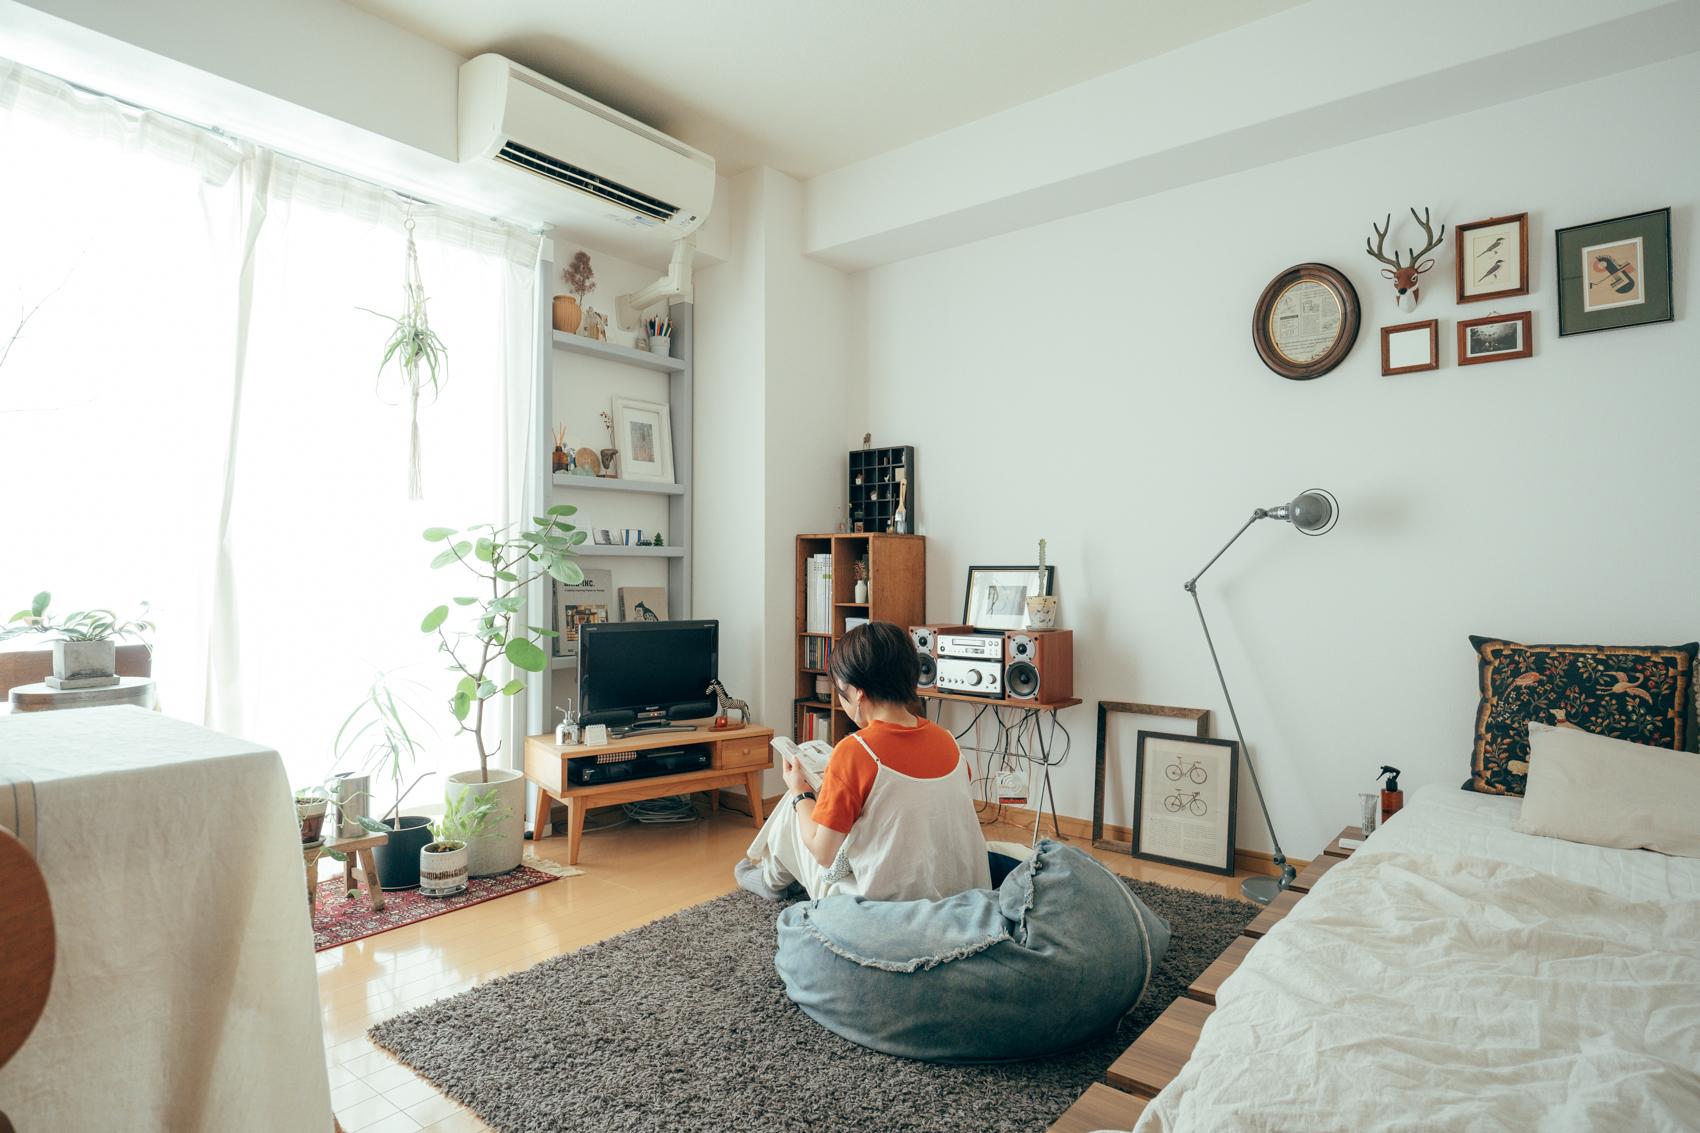 広い正方形の1Kに住んでいる方の事例。壁面ディスプレイは雑貨を飾る為にディアウォールを使って自ら作ったディスプレイスペースも。「テレビが小さくて、背面の壁が寂しいと感じたので作りました。季節や気分に合わせてディスプレイ替えを楽しめる、お気に入りの場所です」